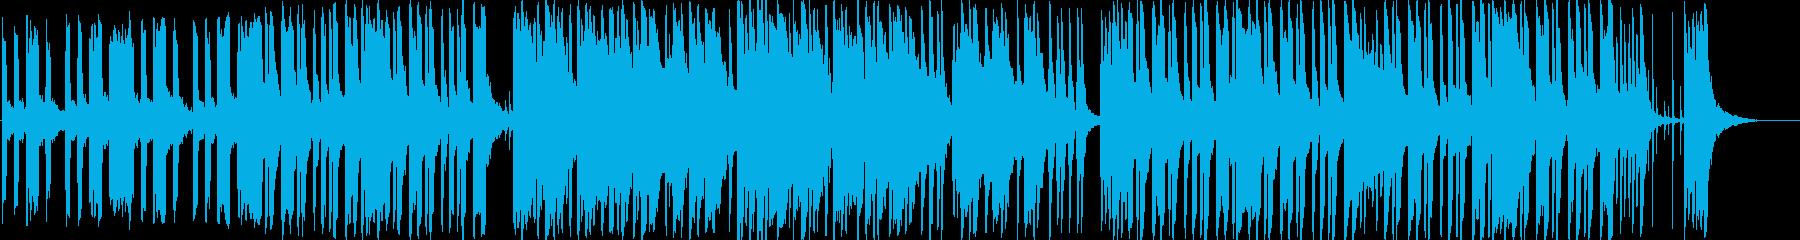 エレピとピチカートのほのぼのしたBGMの再生済みの波形